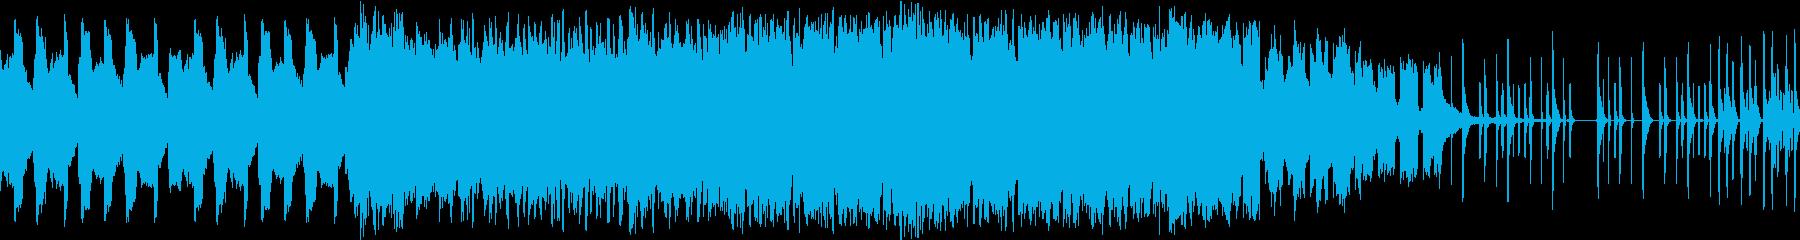 緊張感とぶっ壊れた感を出した警告的BGMの再生済みの波形